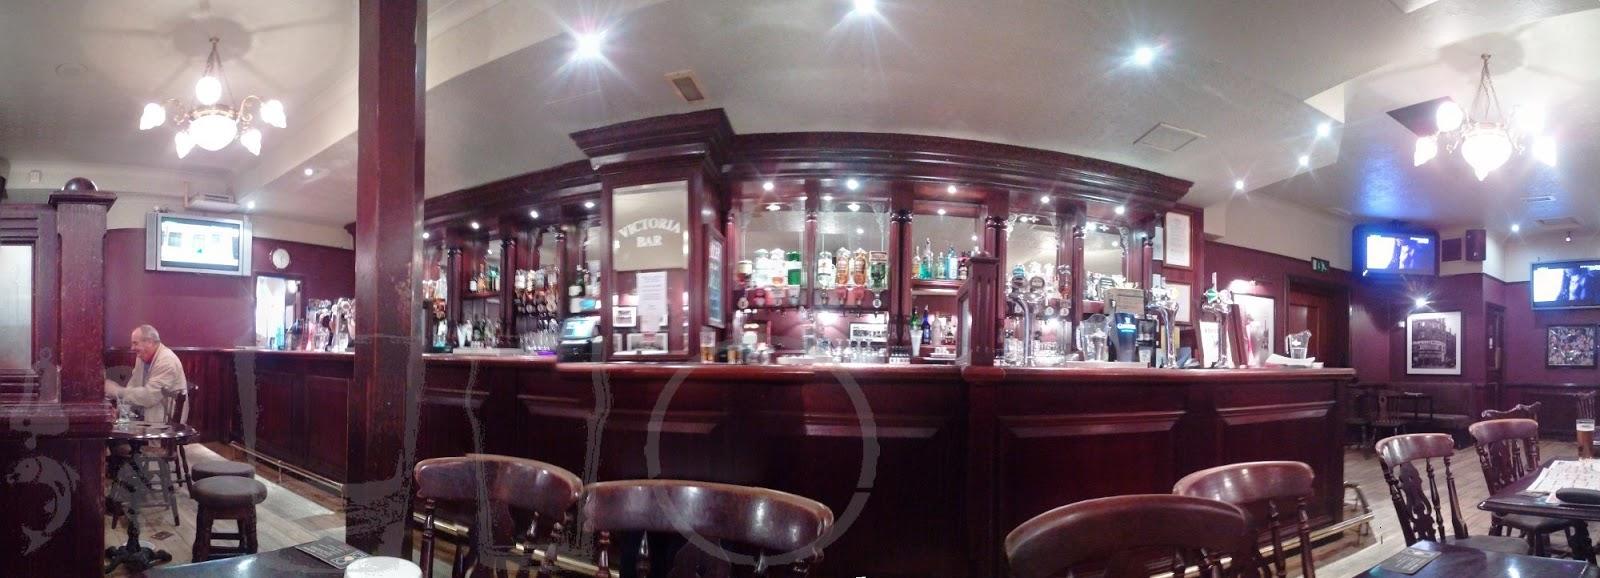 Victoria Bar, Glasgow, Partick